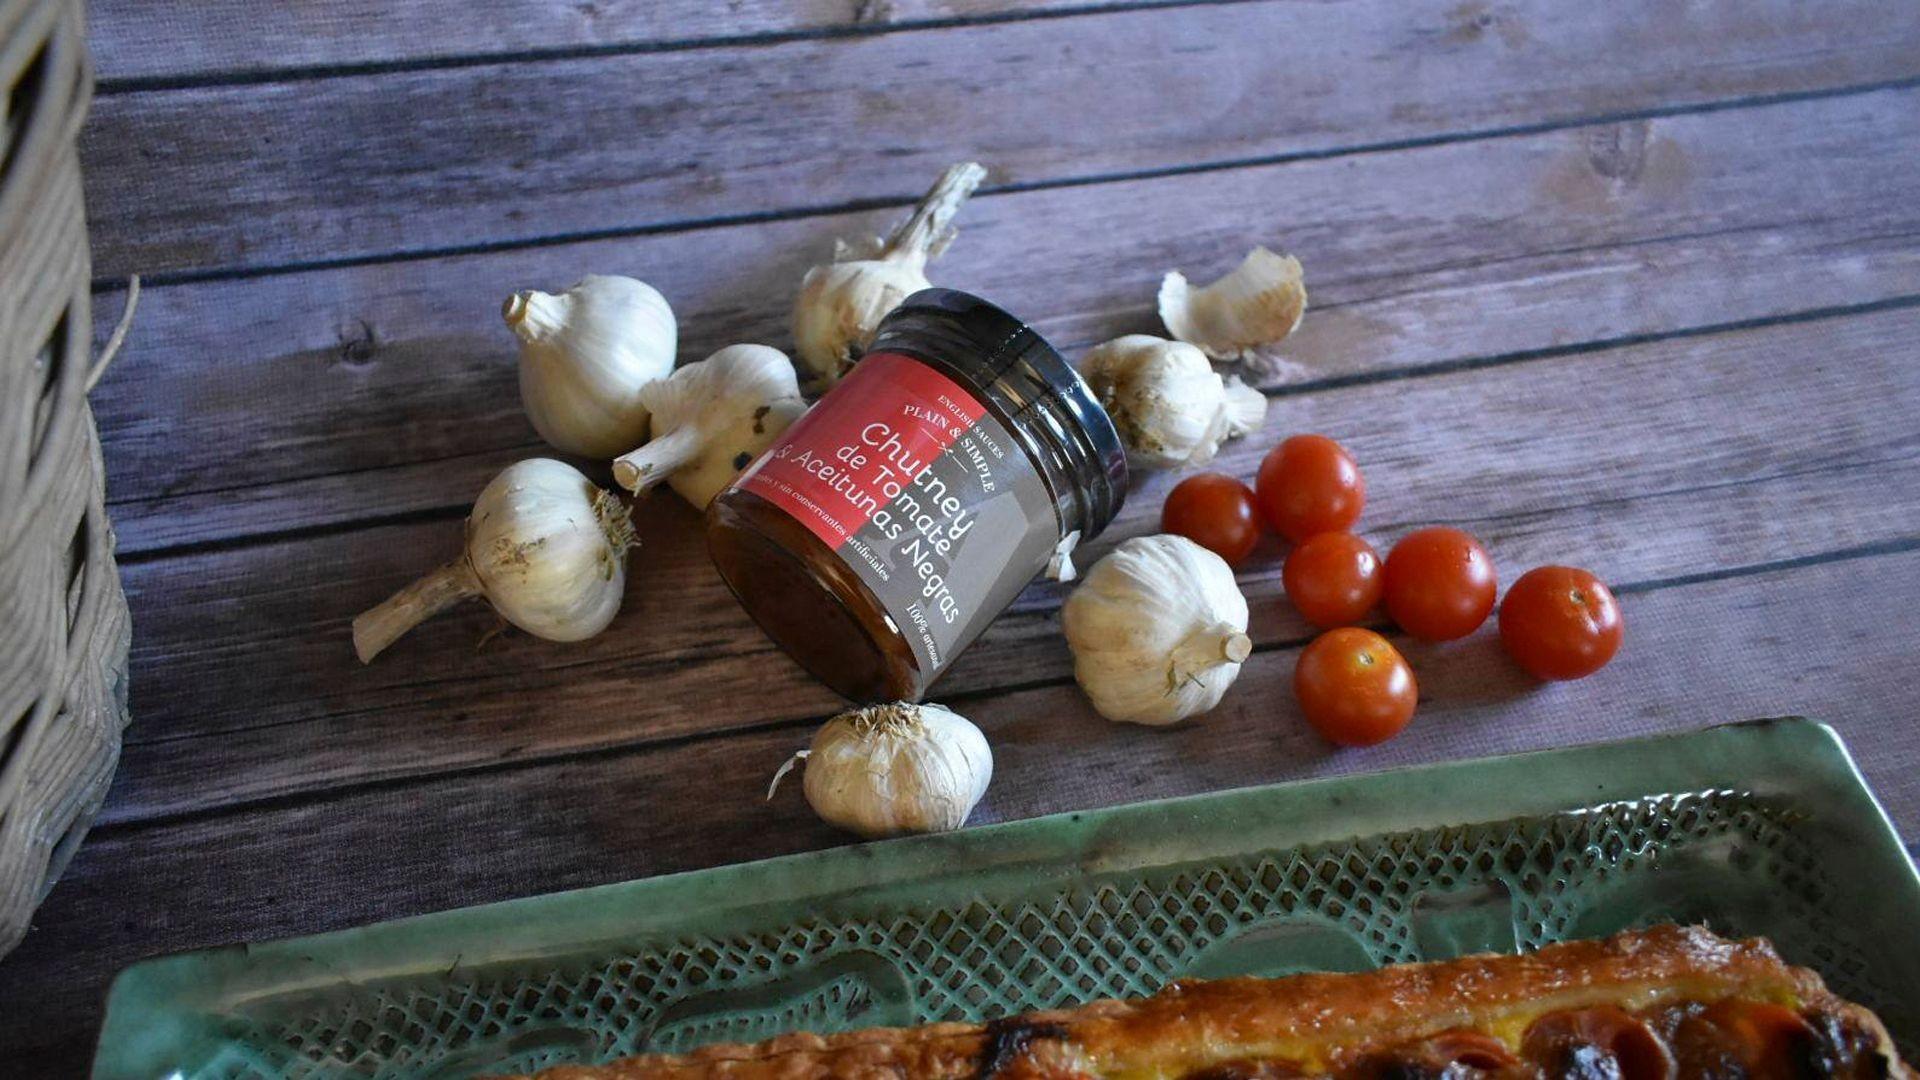 Venta de chutney y productos gourmet en Granada